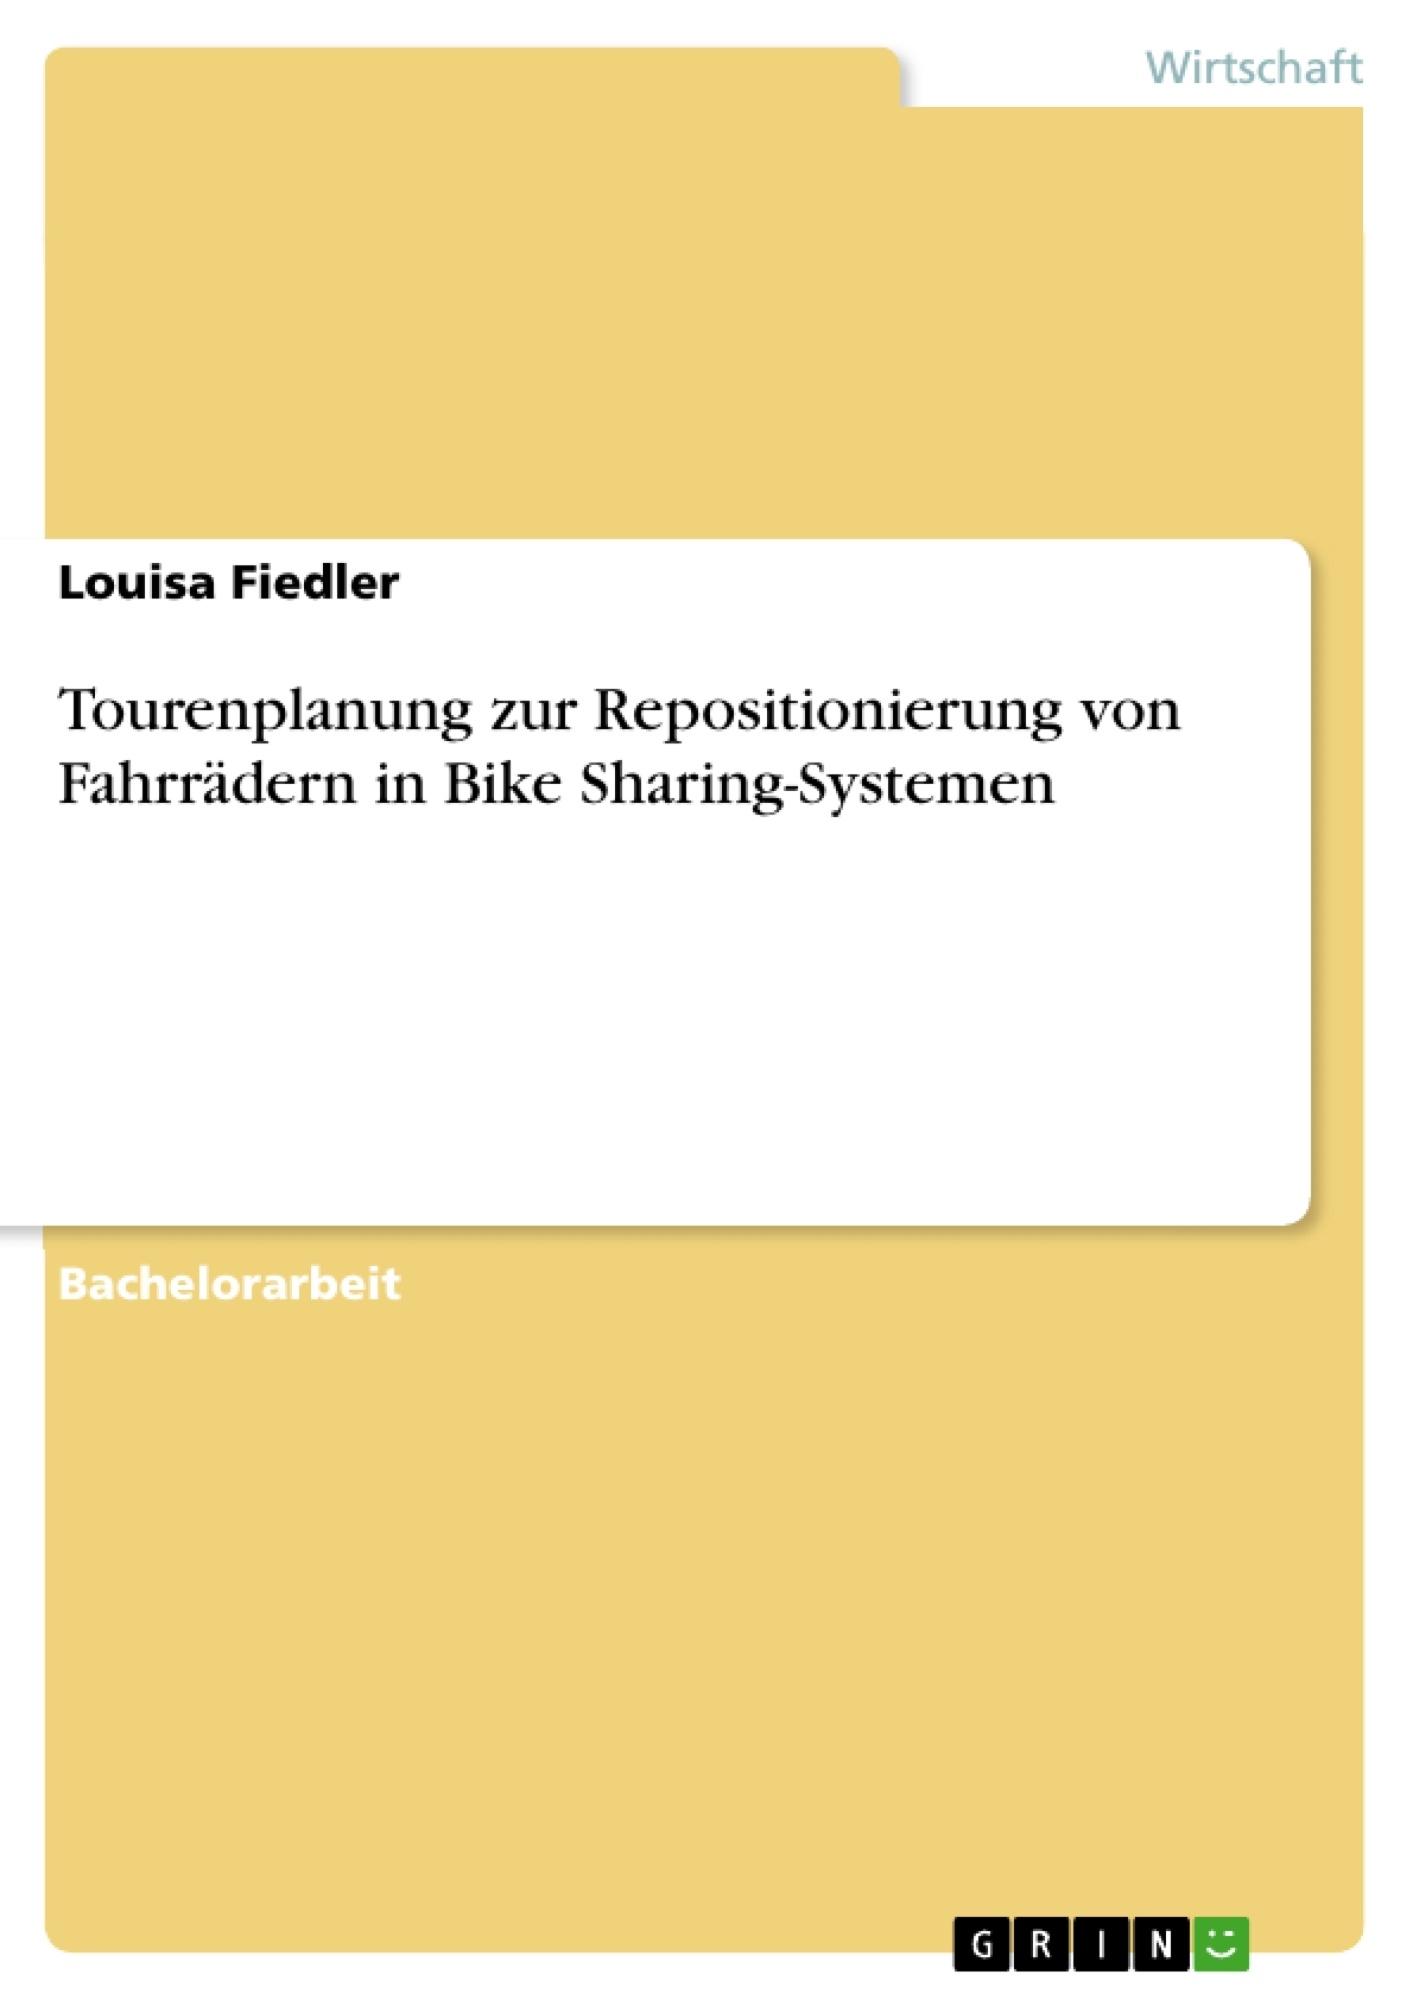 Titel: Tourenplanung zur Repositionierung von Fahrrädern in Bike Sharing-Systemen